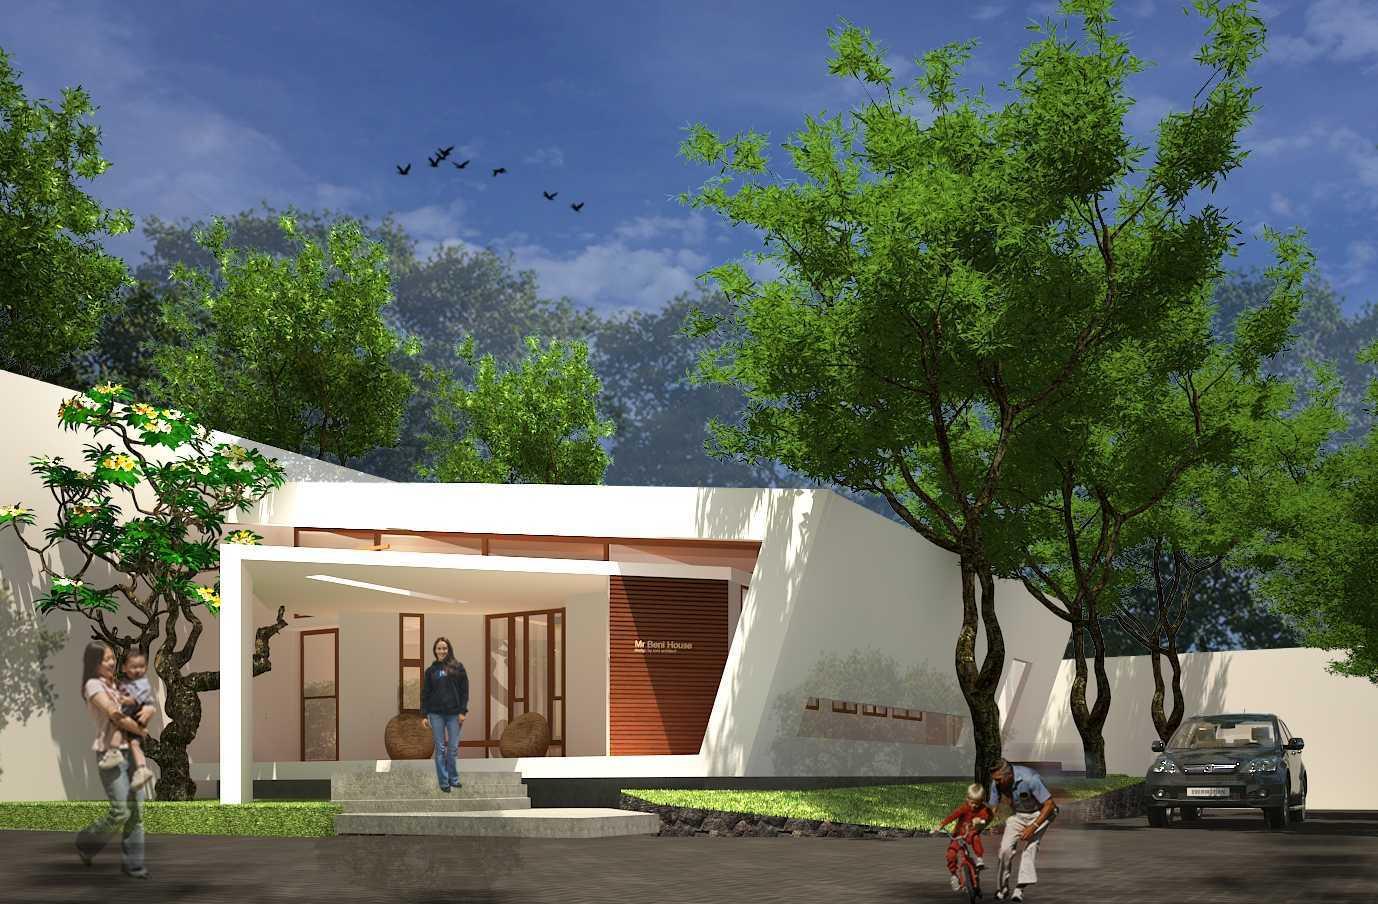 Roni Desain Rumah Hemat Energi  Sulawesi Selatan, Indonesia Sulawesi Selatan, Indonesia Roni-Desain-Rumah-Hemat-Energi-   59903